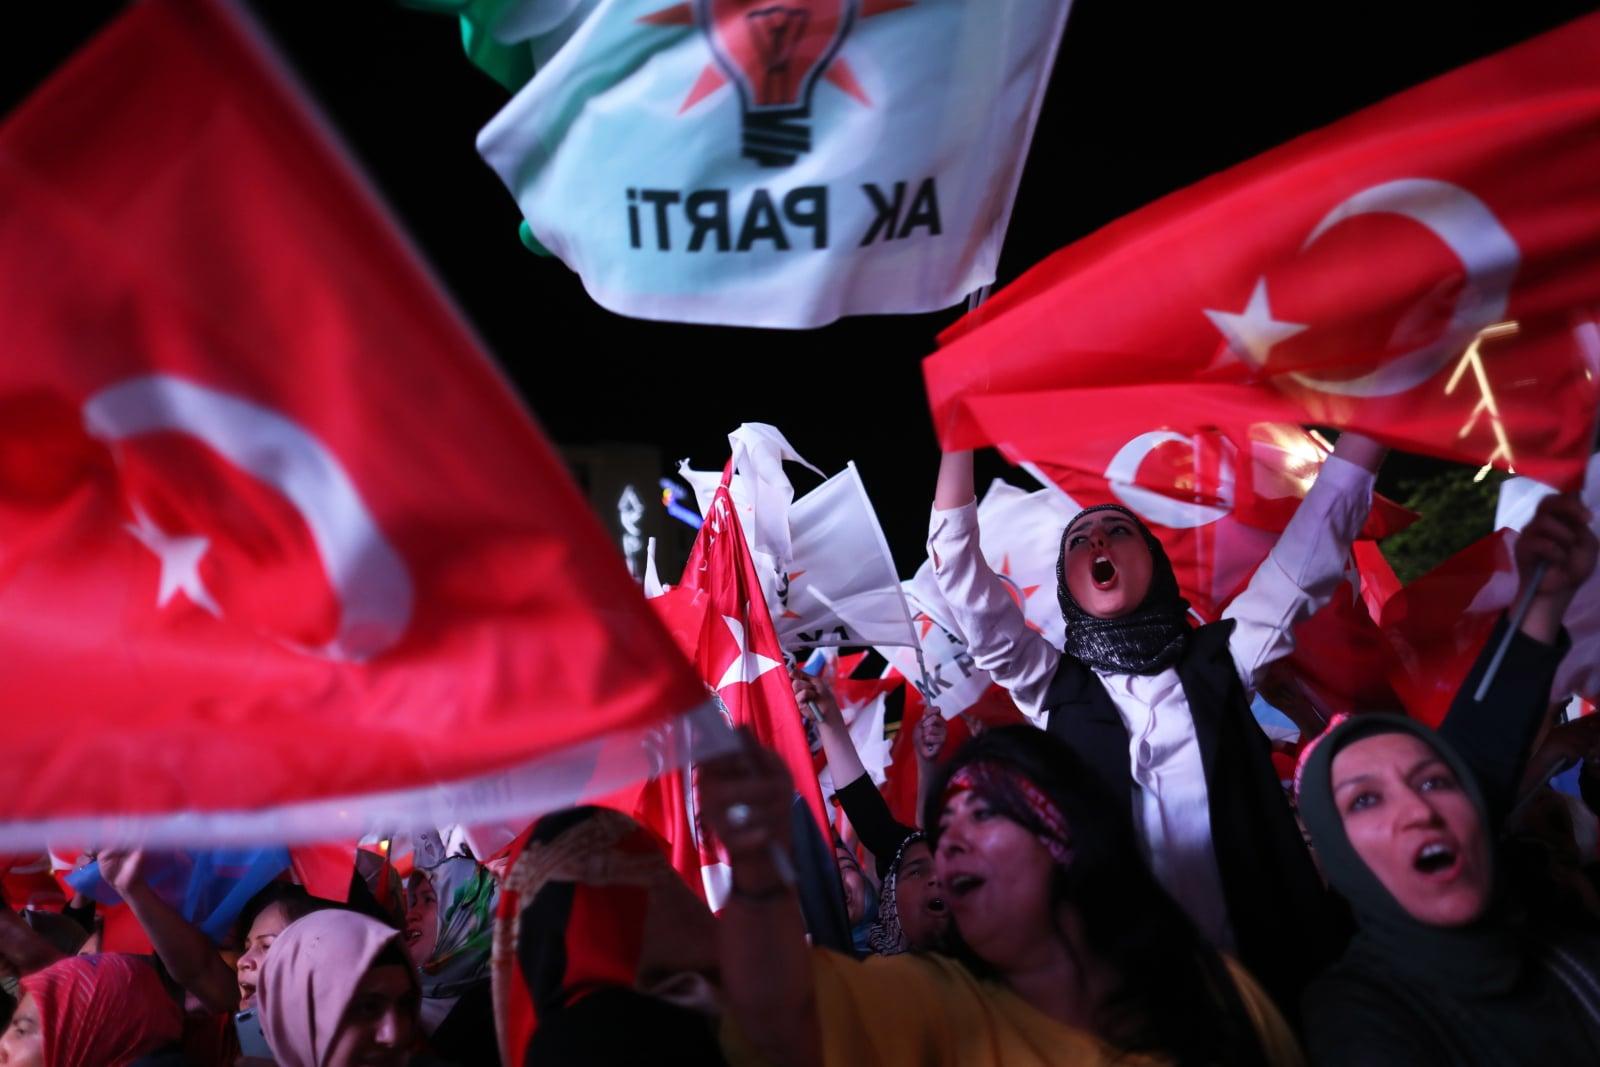 Wybory w Turcji fot. EPA/ERDEM SAHIN Dostawca: PAP/EPA.